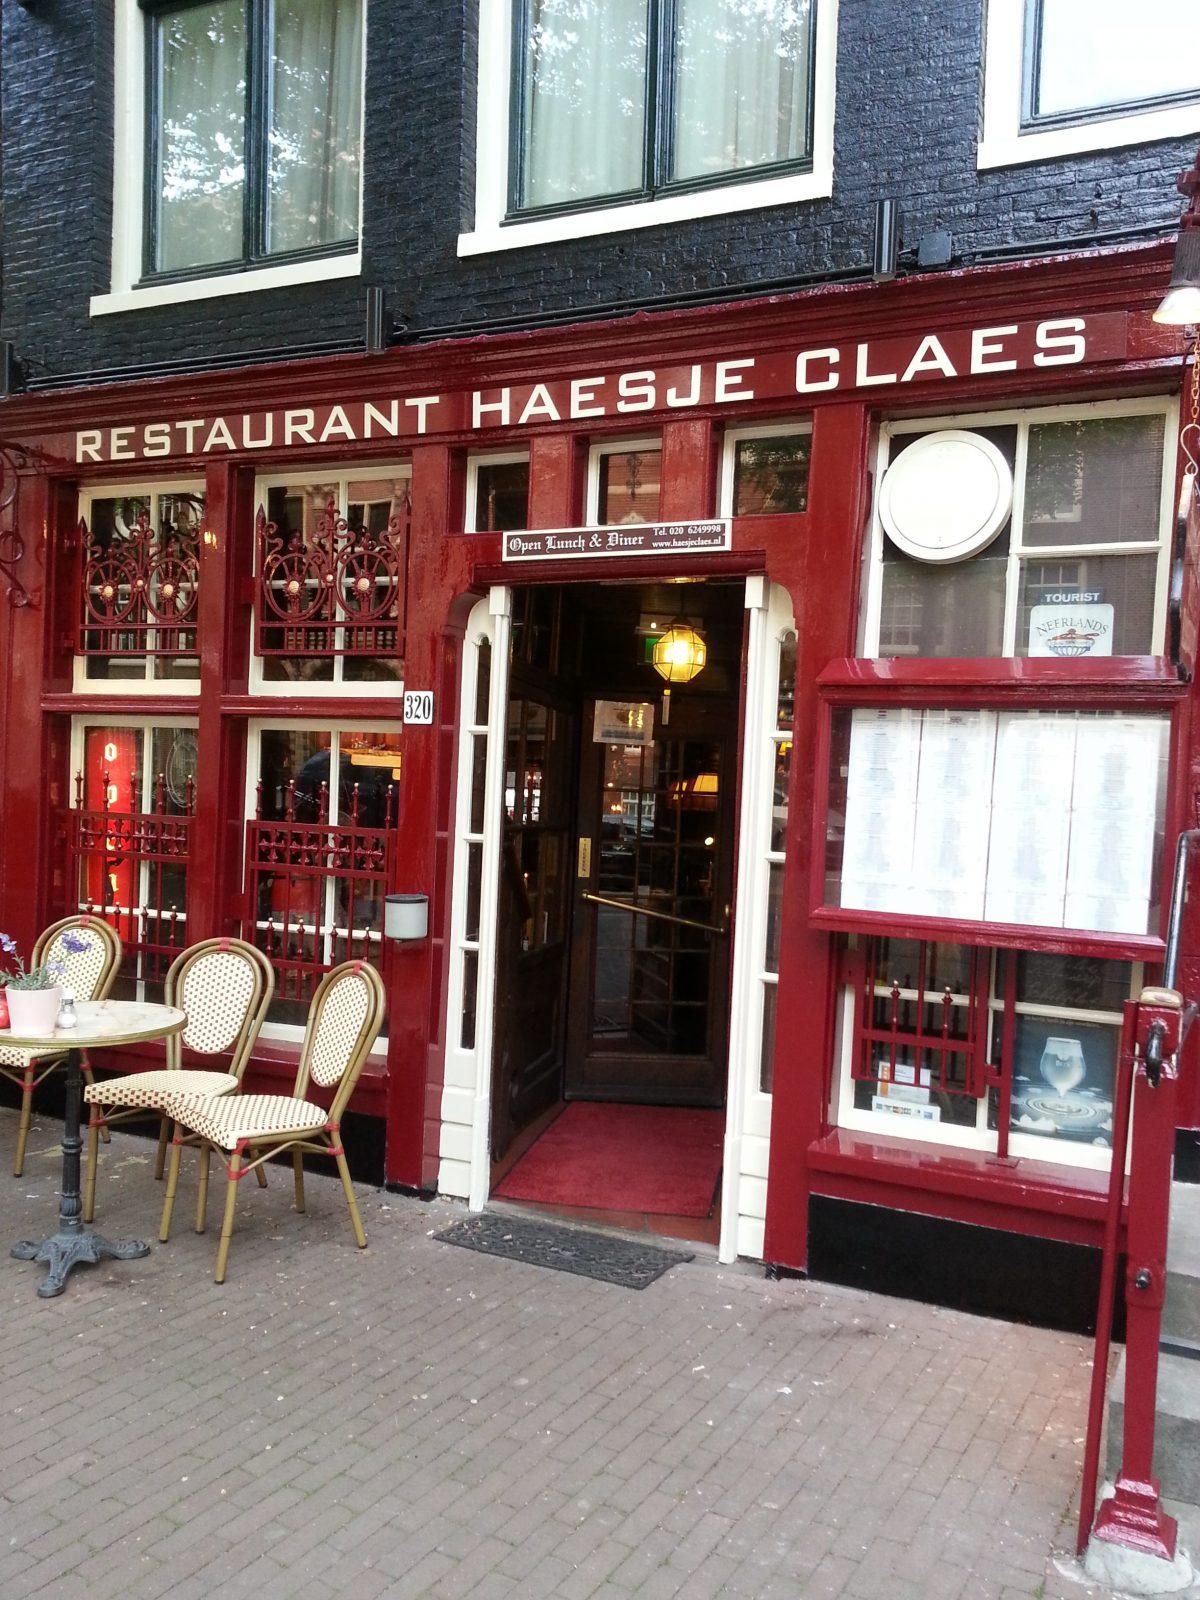 ハーシェクラウス アムステルダム オランダ料理 スタンポット 老舗 オランダレストラン